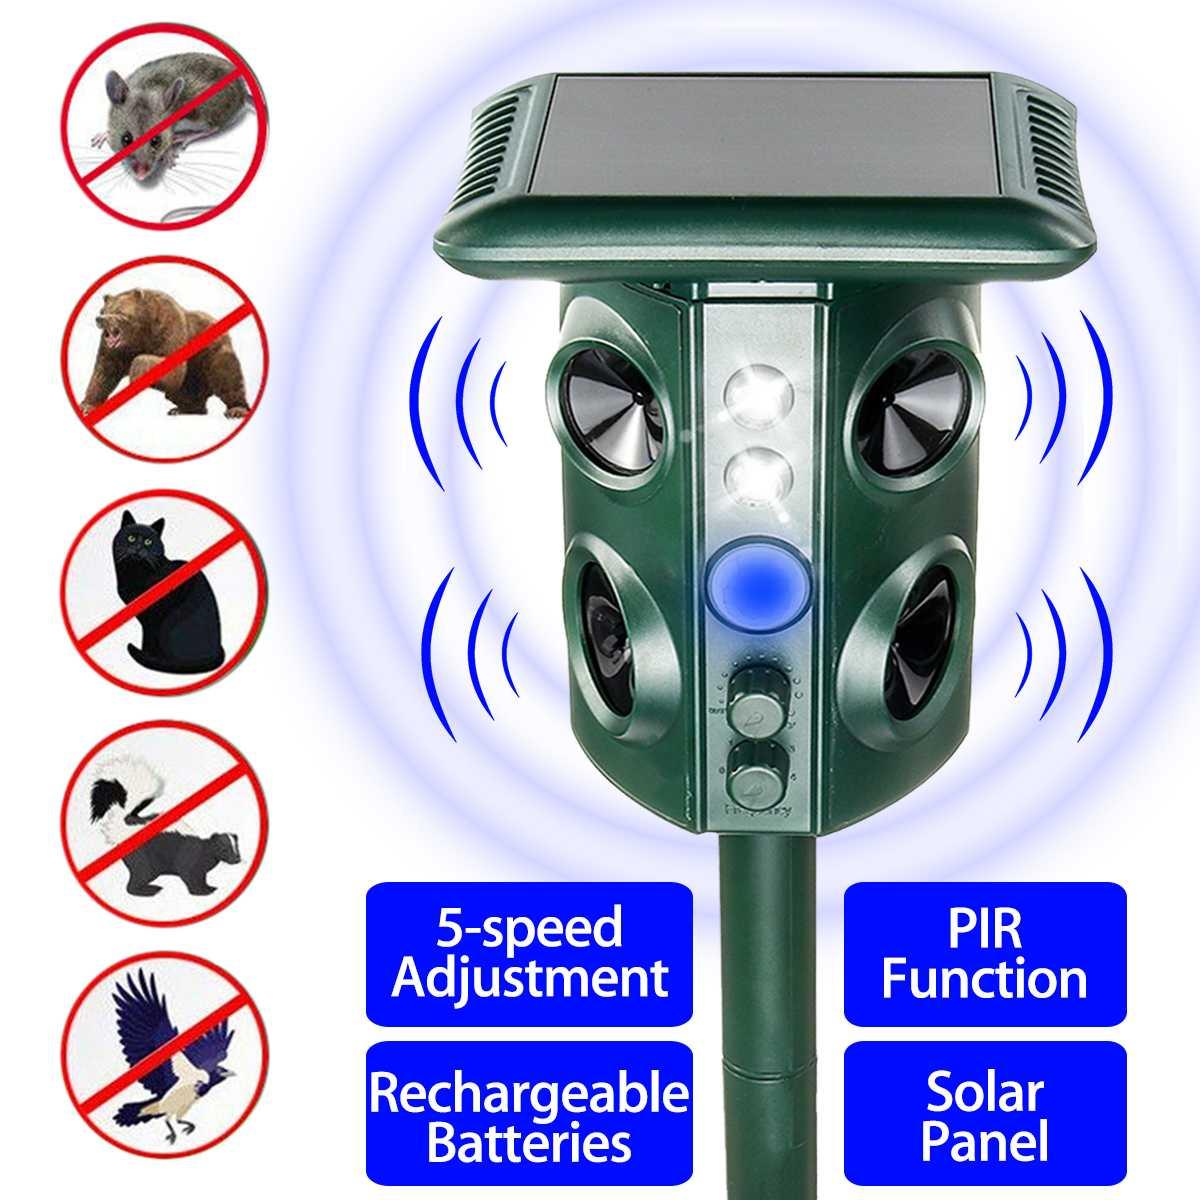 Repellent Waterproof Electronic Ultrasonic Solar Pest Repeller Garden Yard Repellent Pest Control Dog Bird Mosquito Repeller